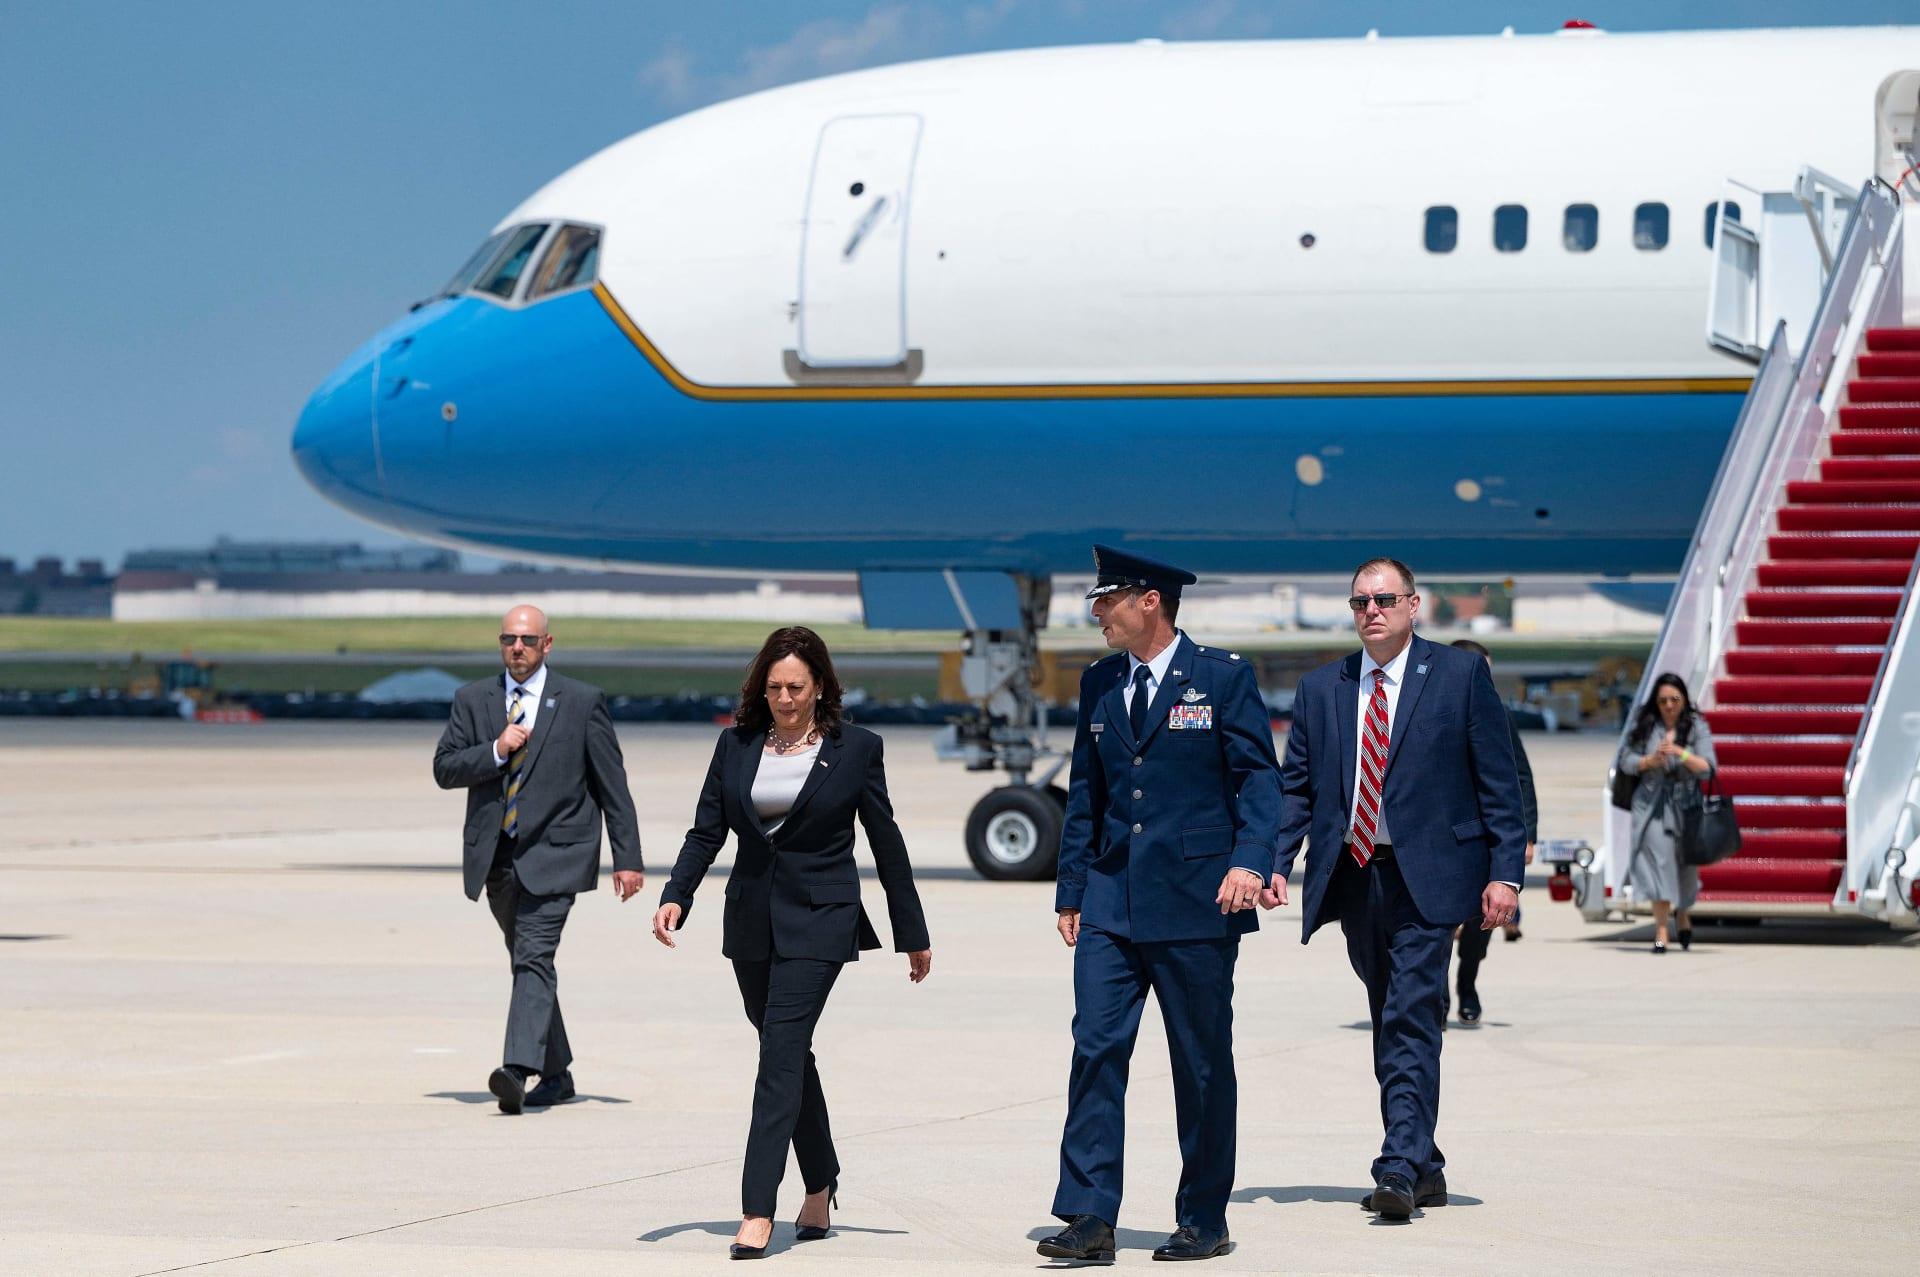 نائب الرئيس الأمريكي كامالا هاريس